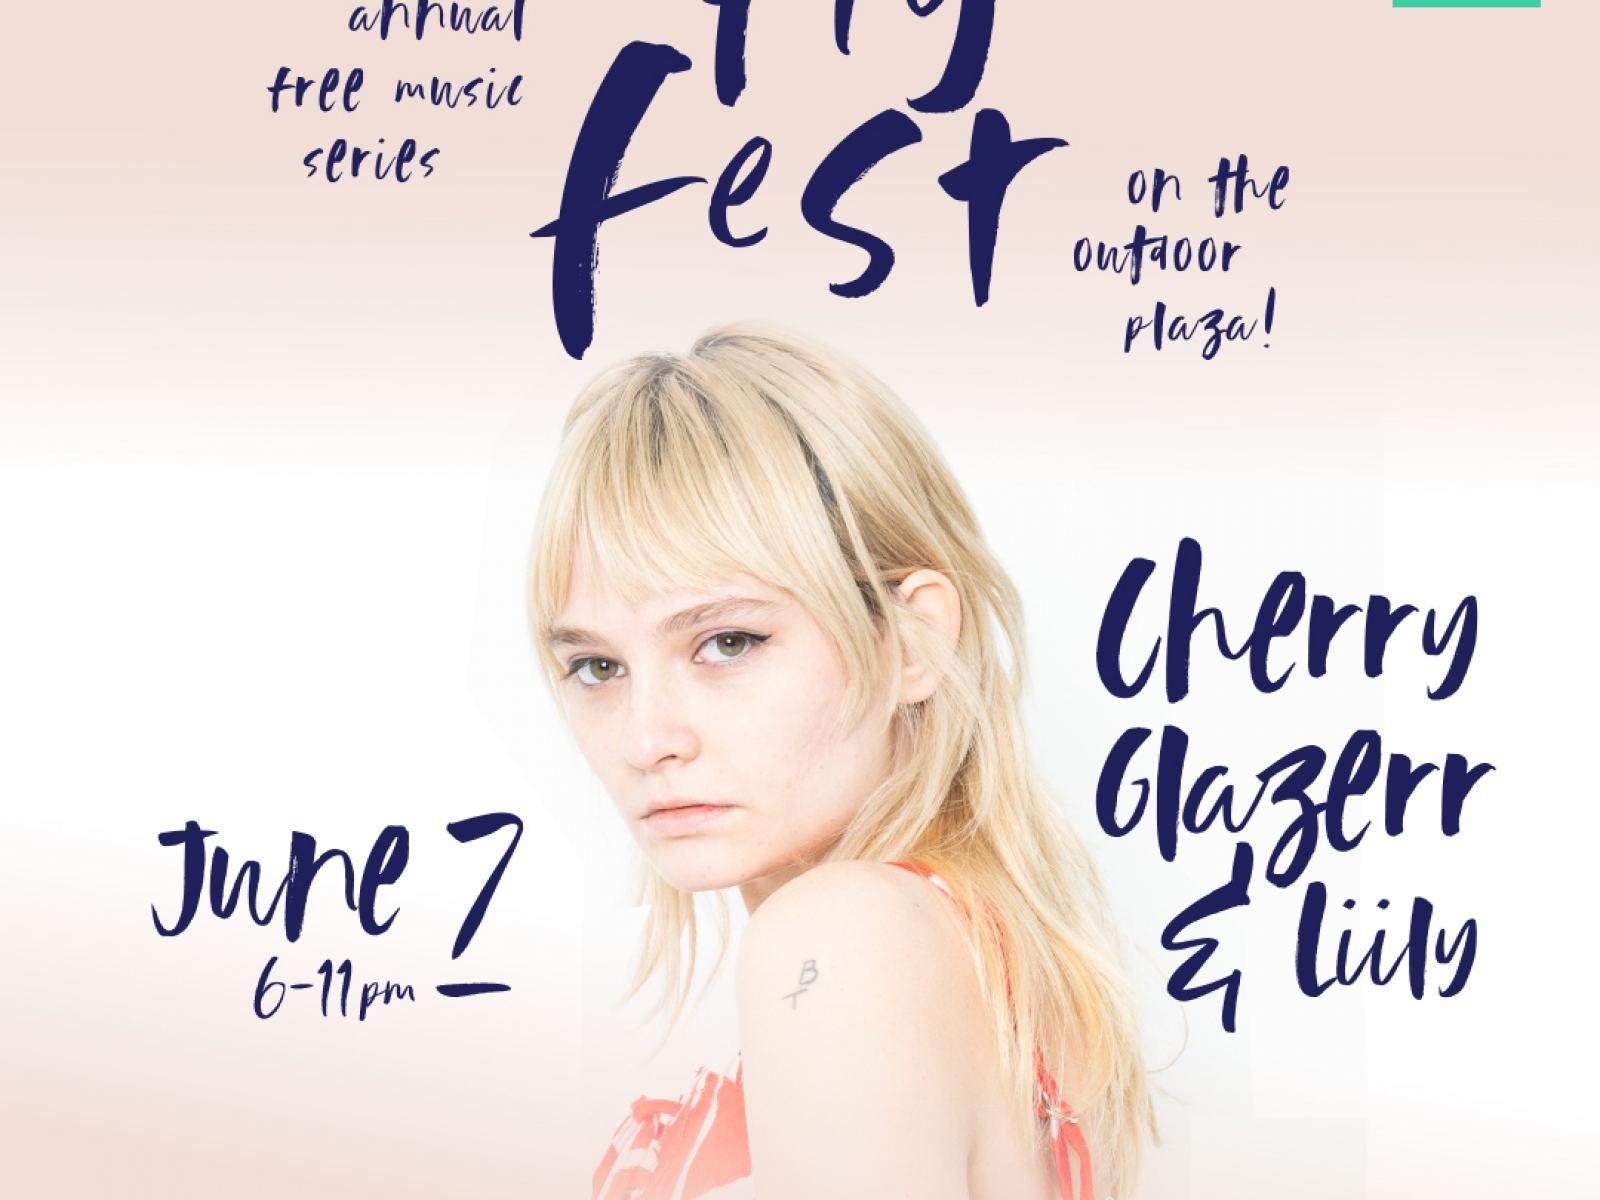 FIGfest with Cherry Glazerr